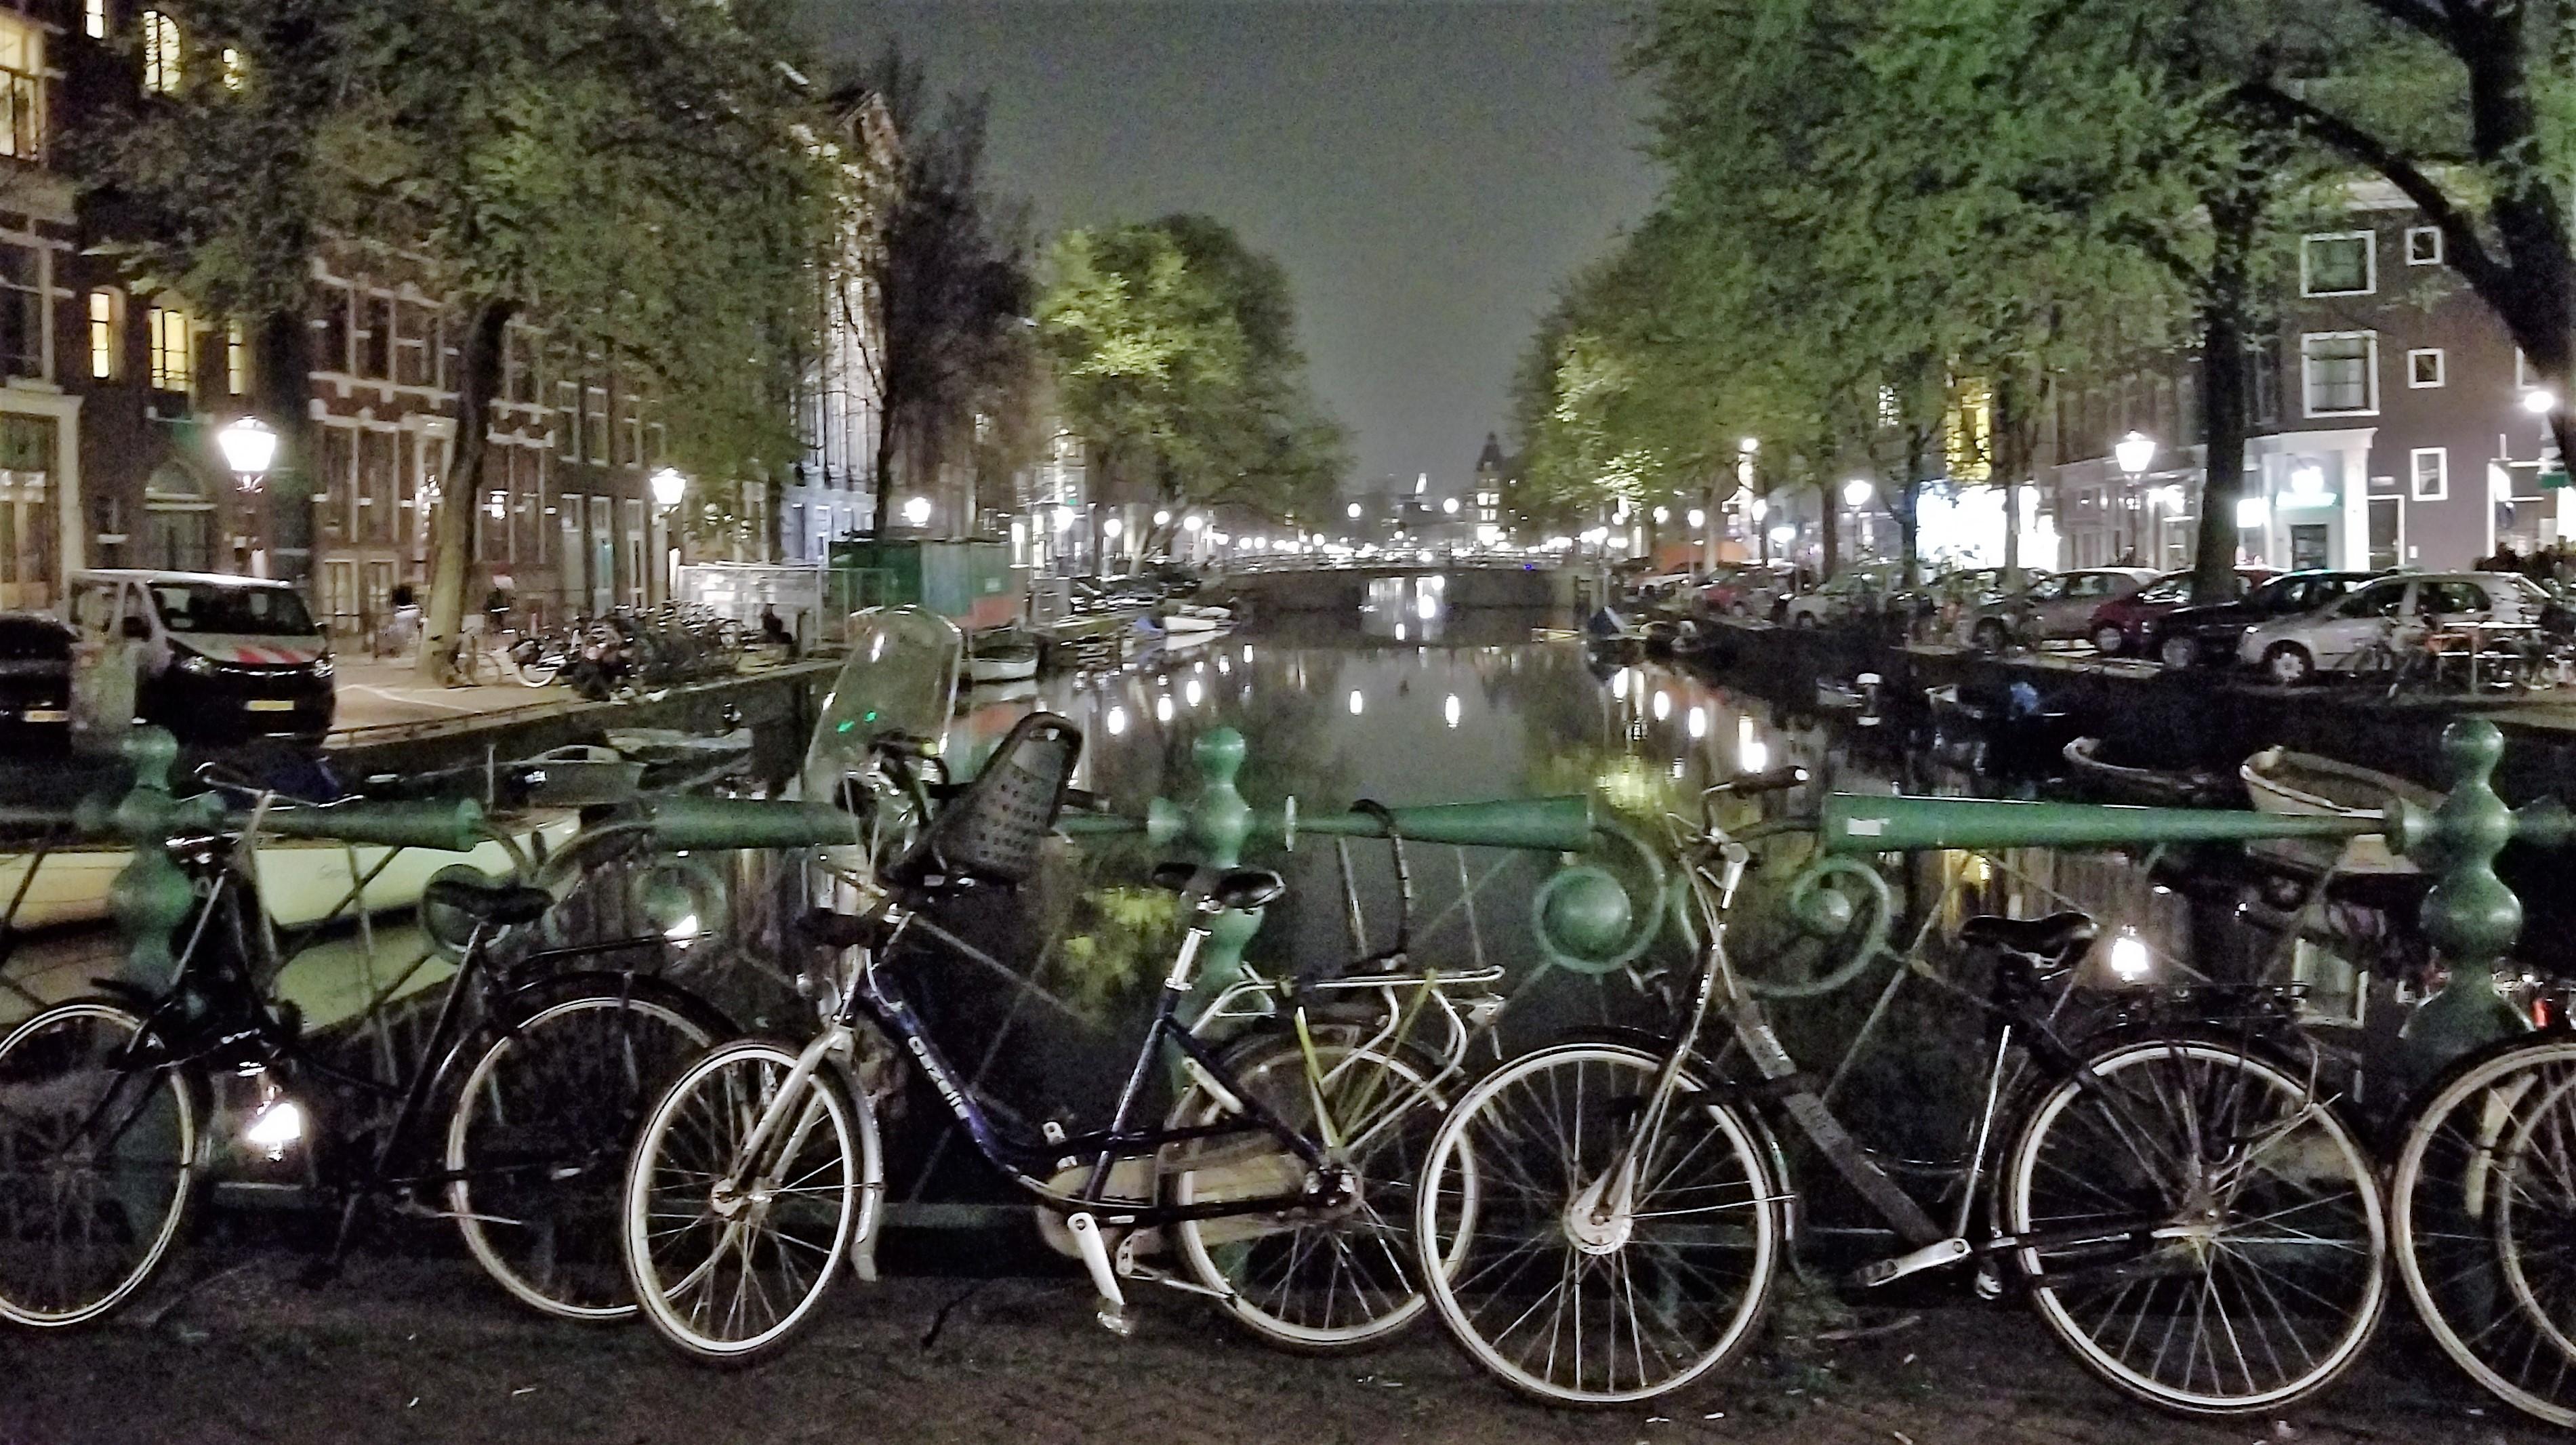 bikes at nite